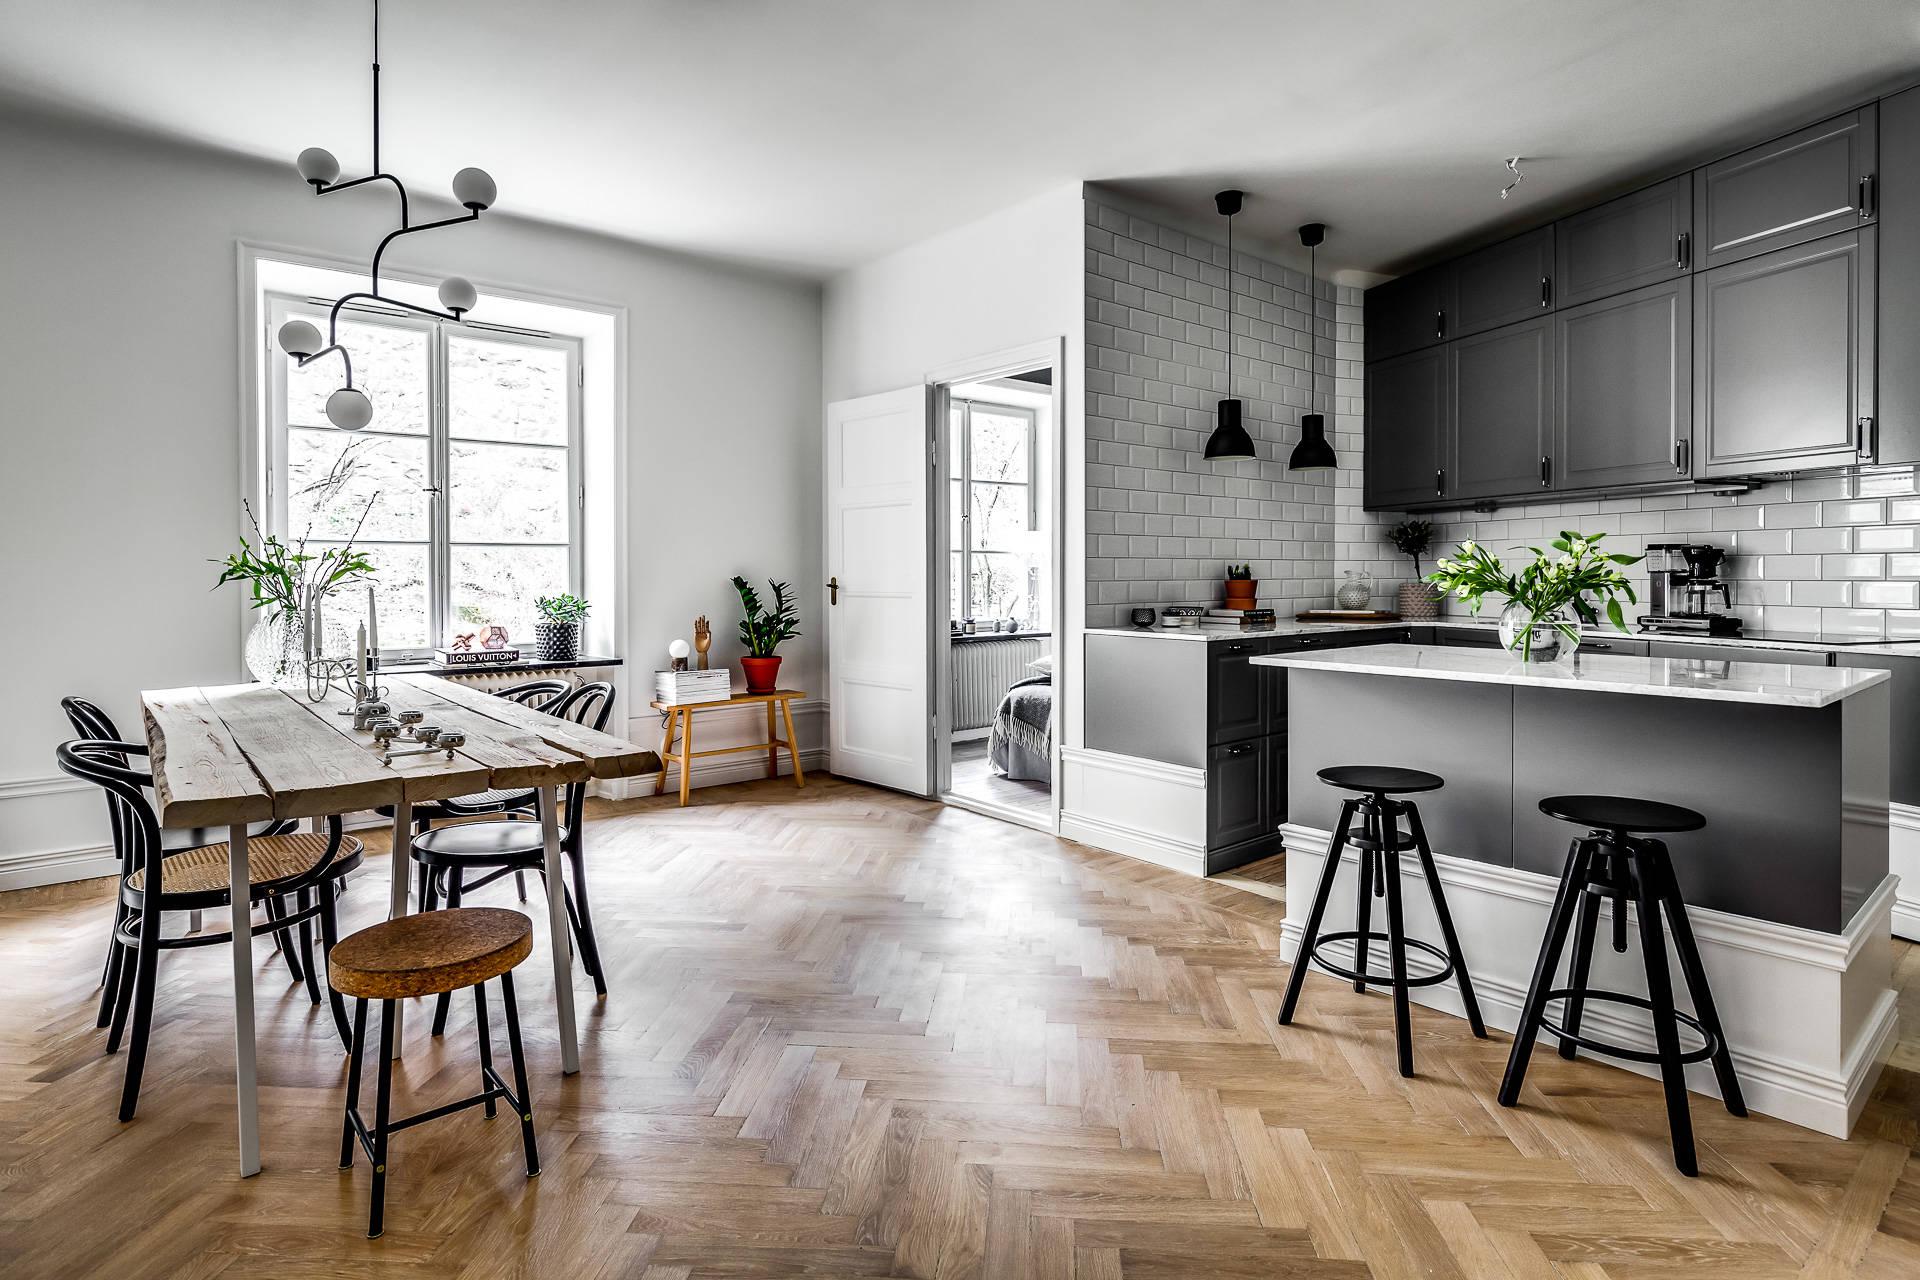 Azulejo biselado para una cocina n rdica interiores chic for Decoracion nordica industrial